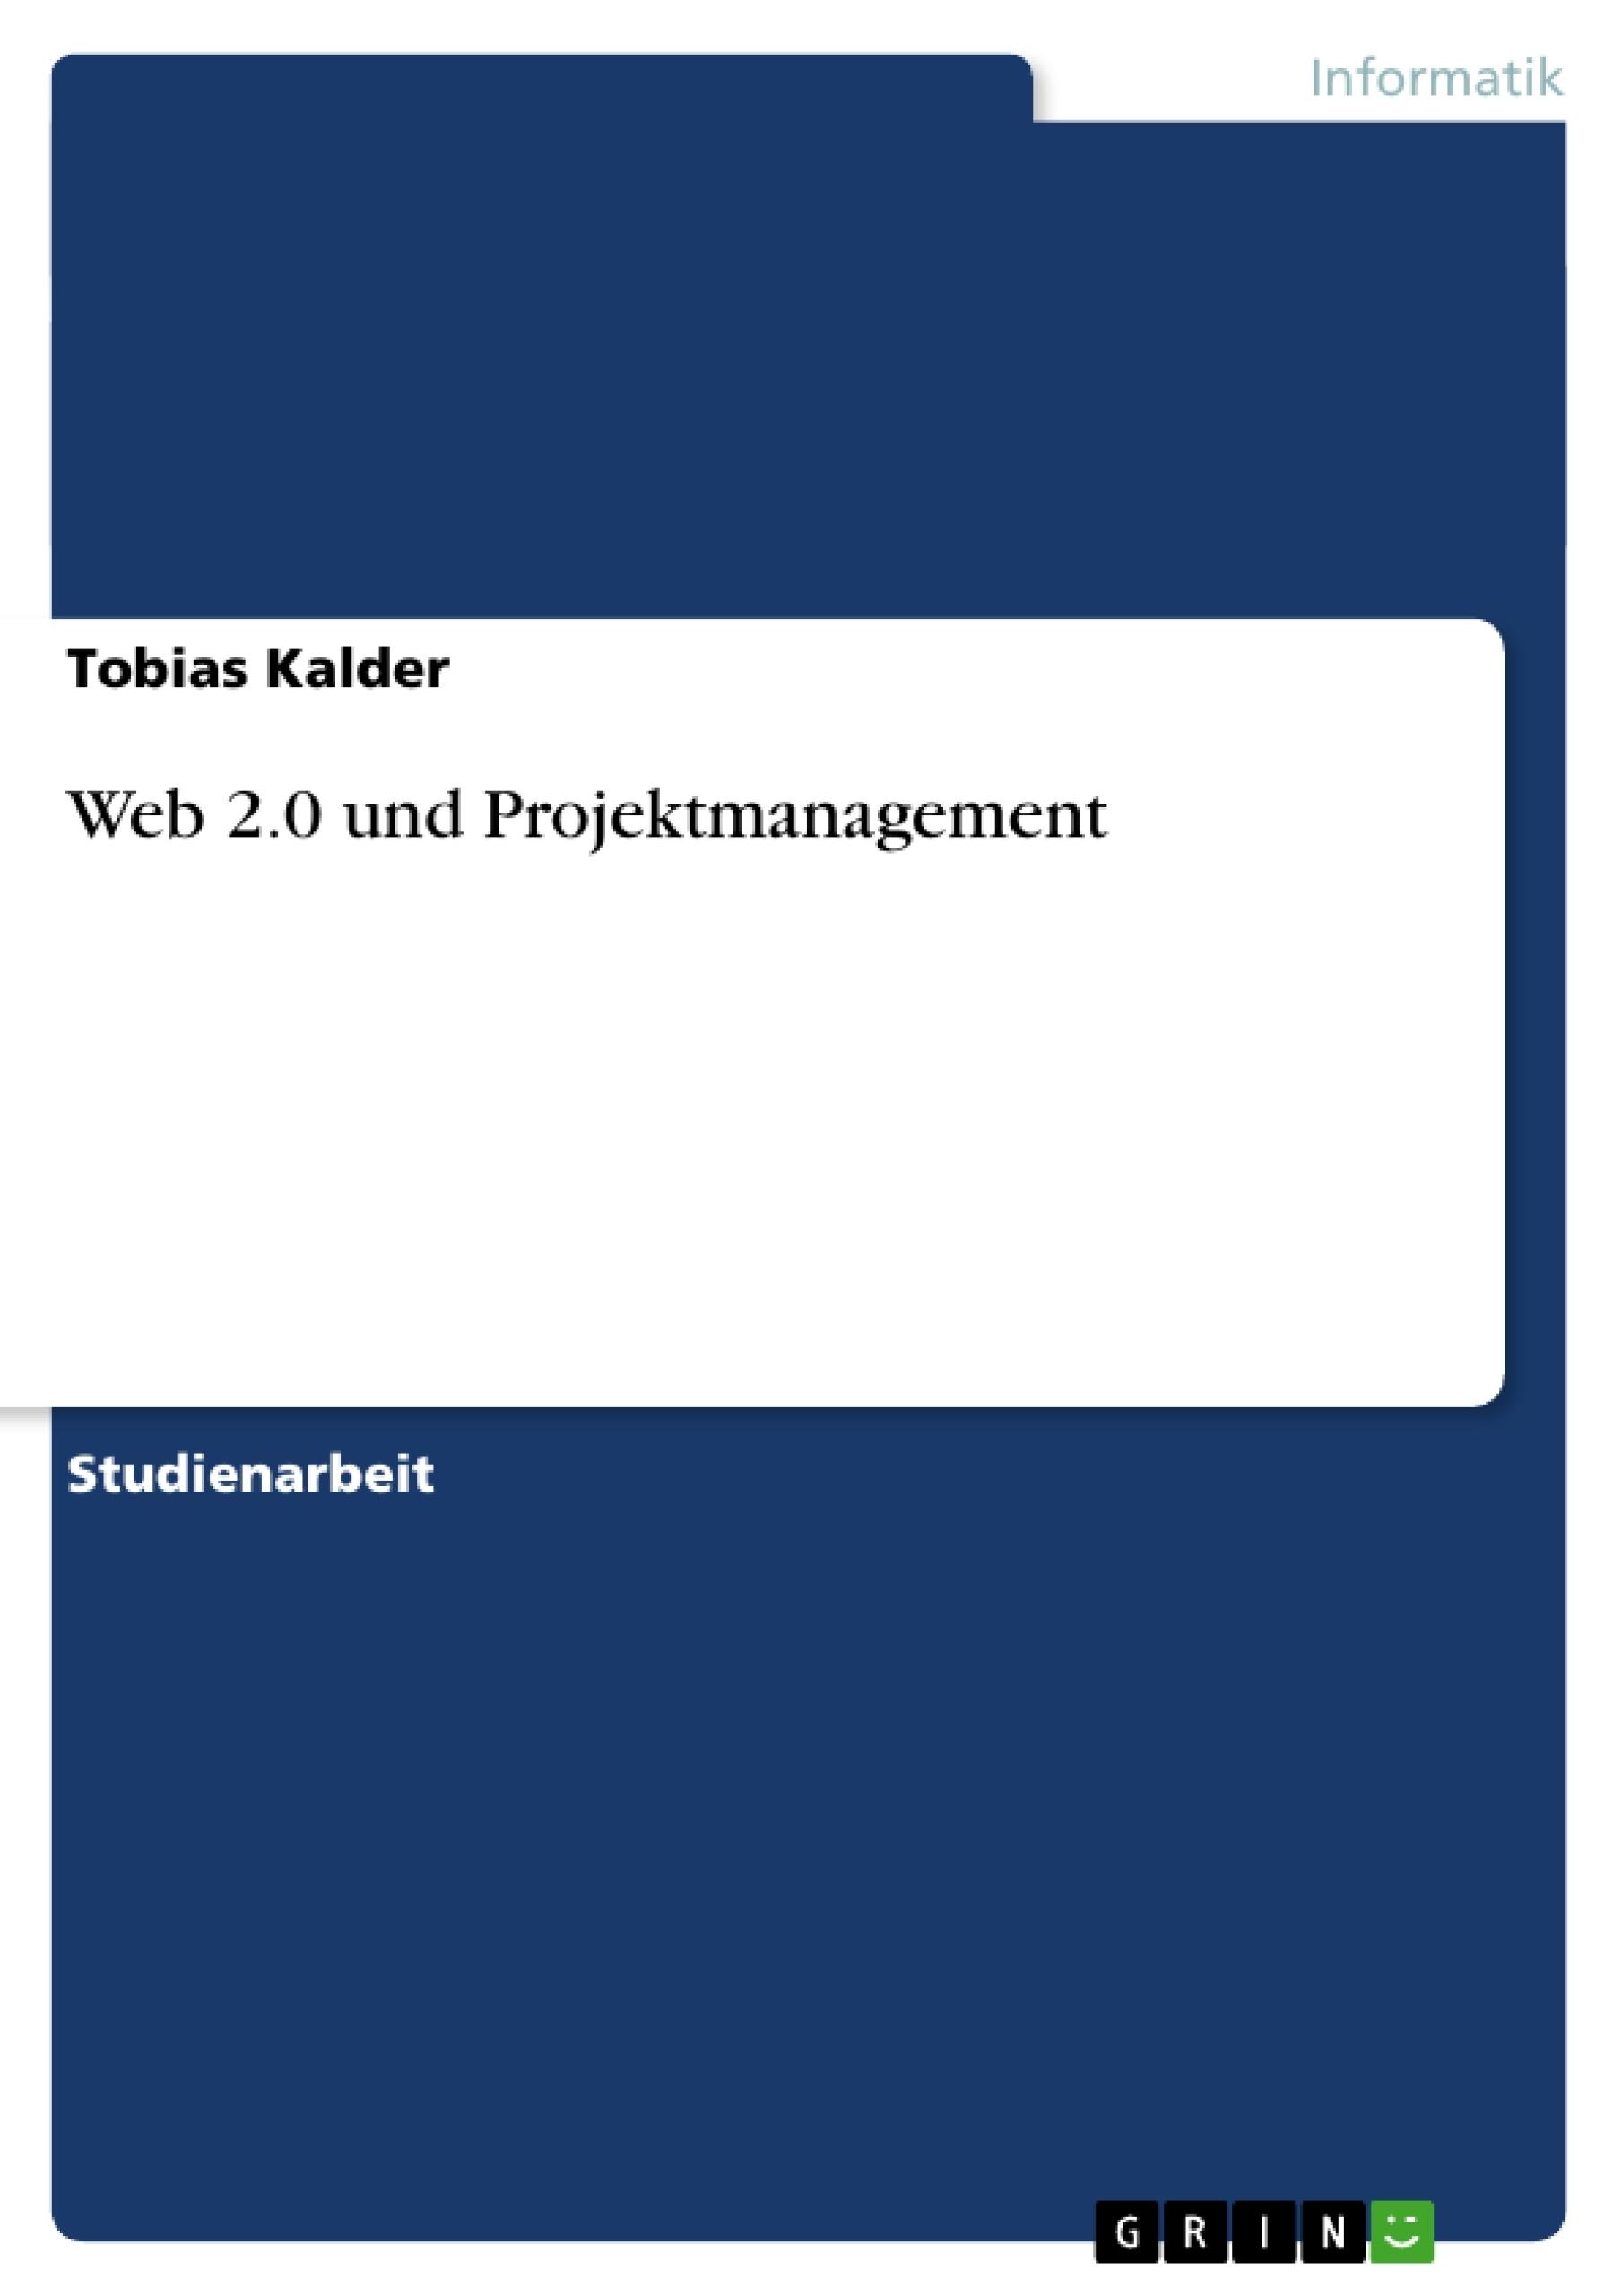 Titel: Web 2.0 und Projektmanagement